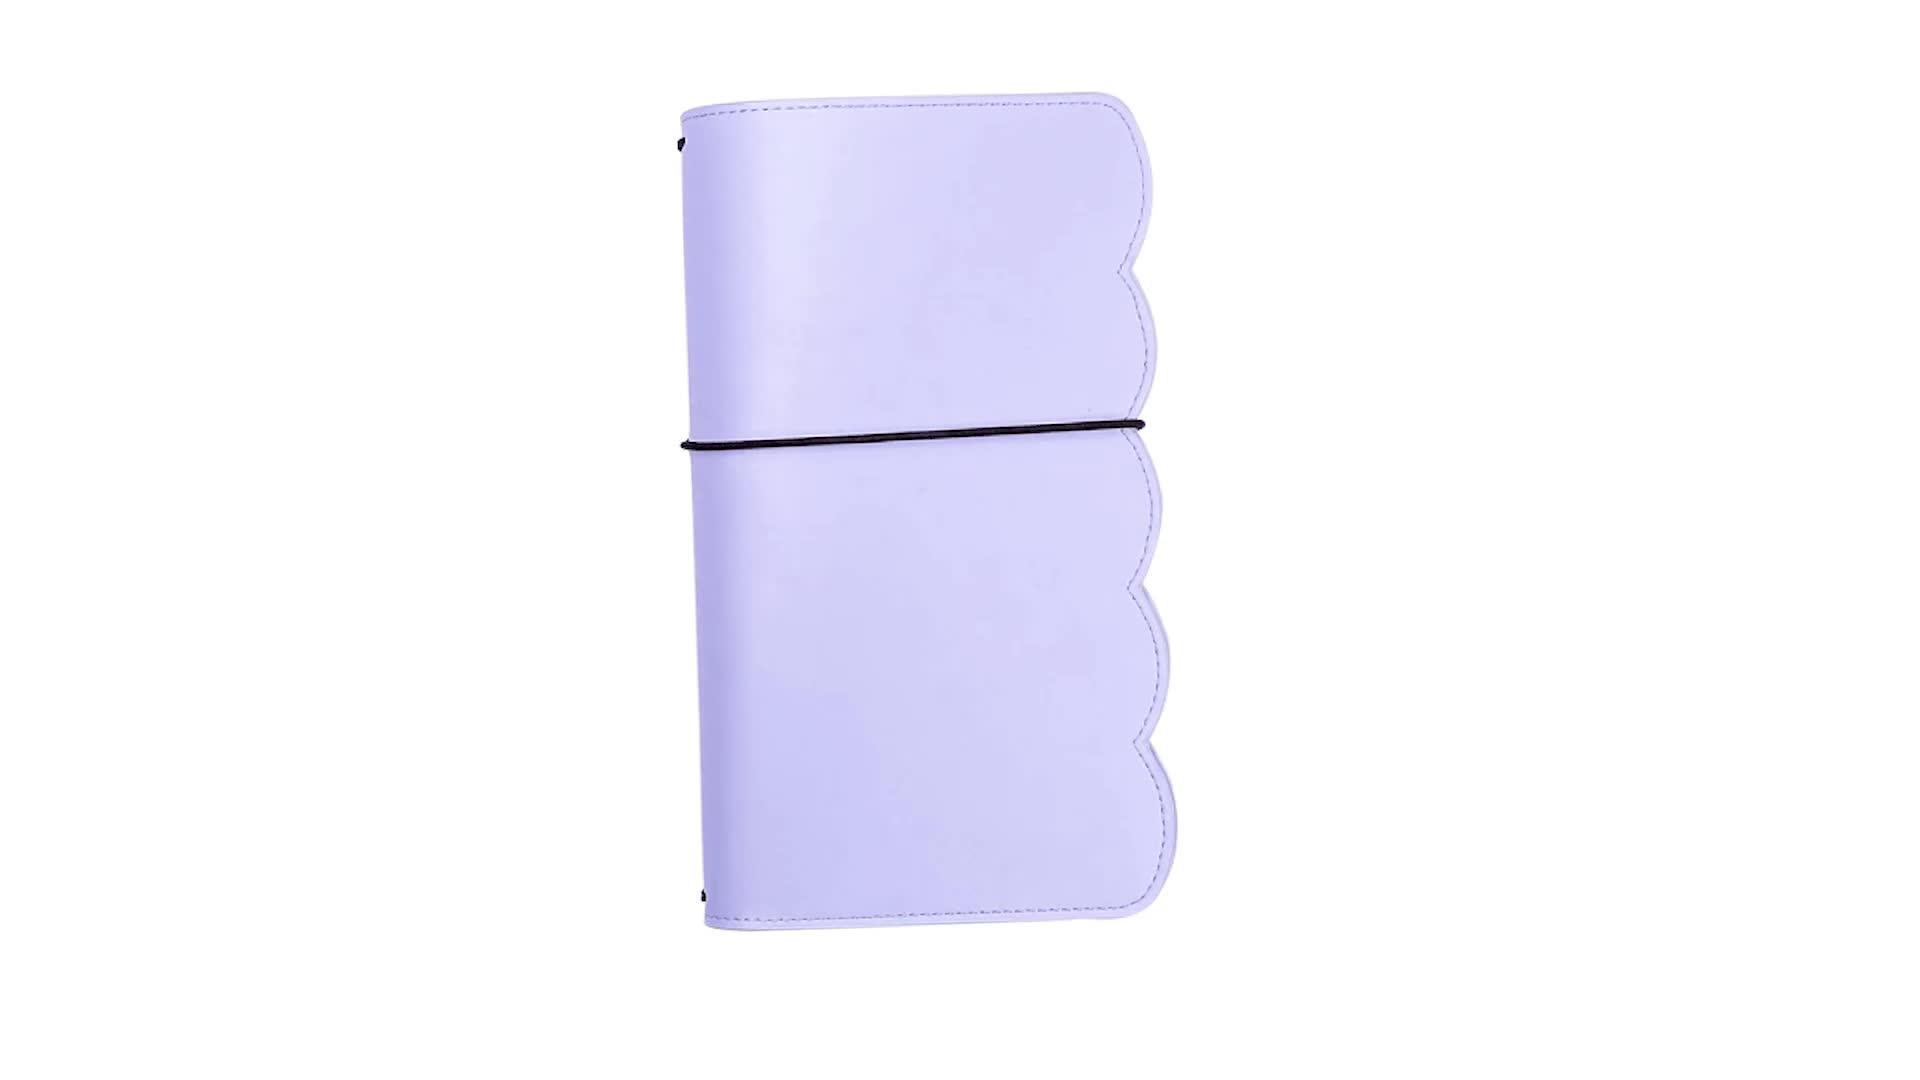 مخصص A6 مكتب القرطاسية المدرسية بو الجلود فارغة مخطط دفتر السفر مجلة